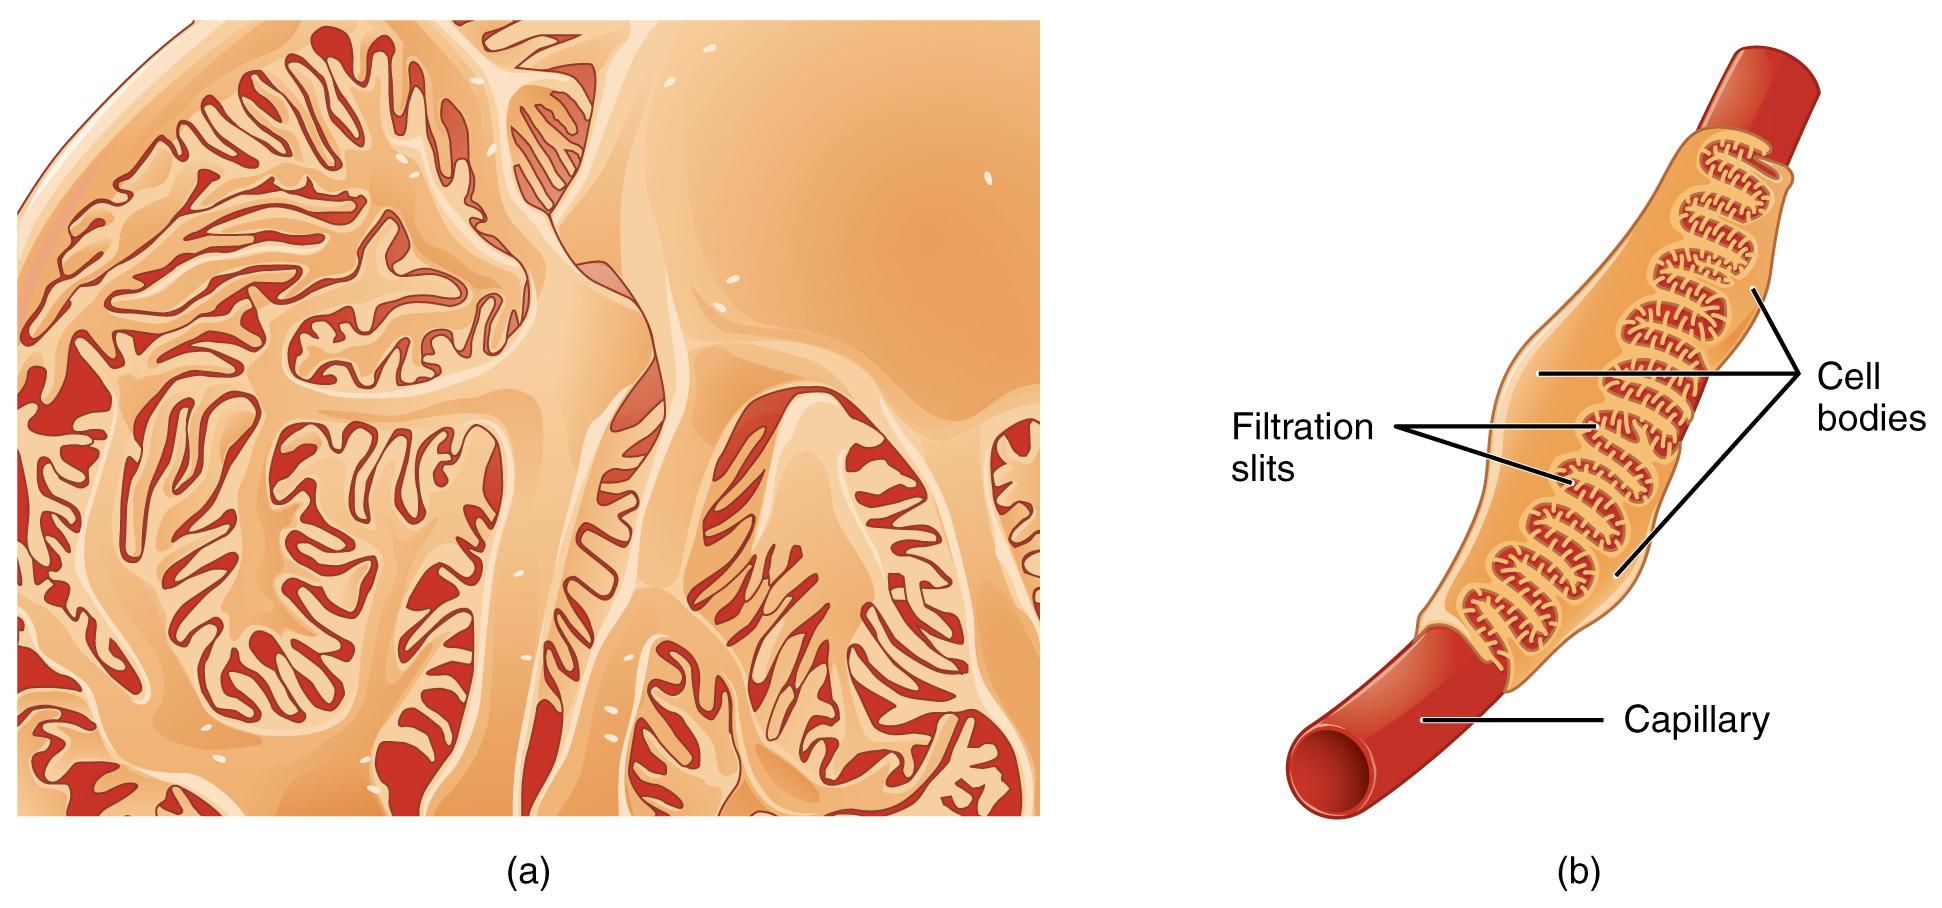 Histologie der Niere – Von der Rinde bis ins Mark